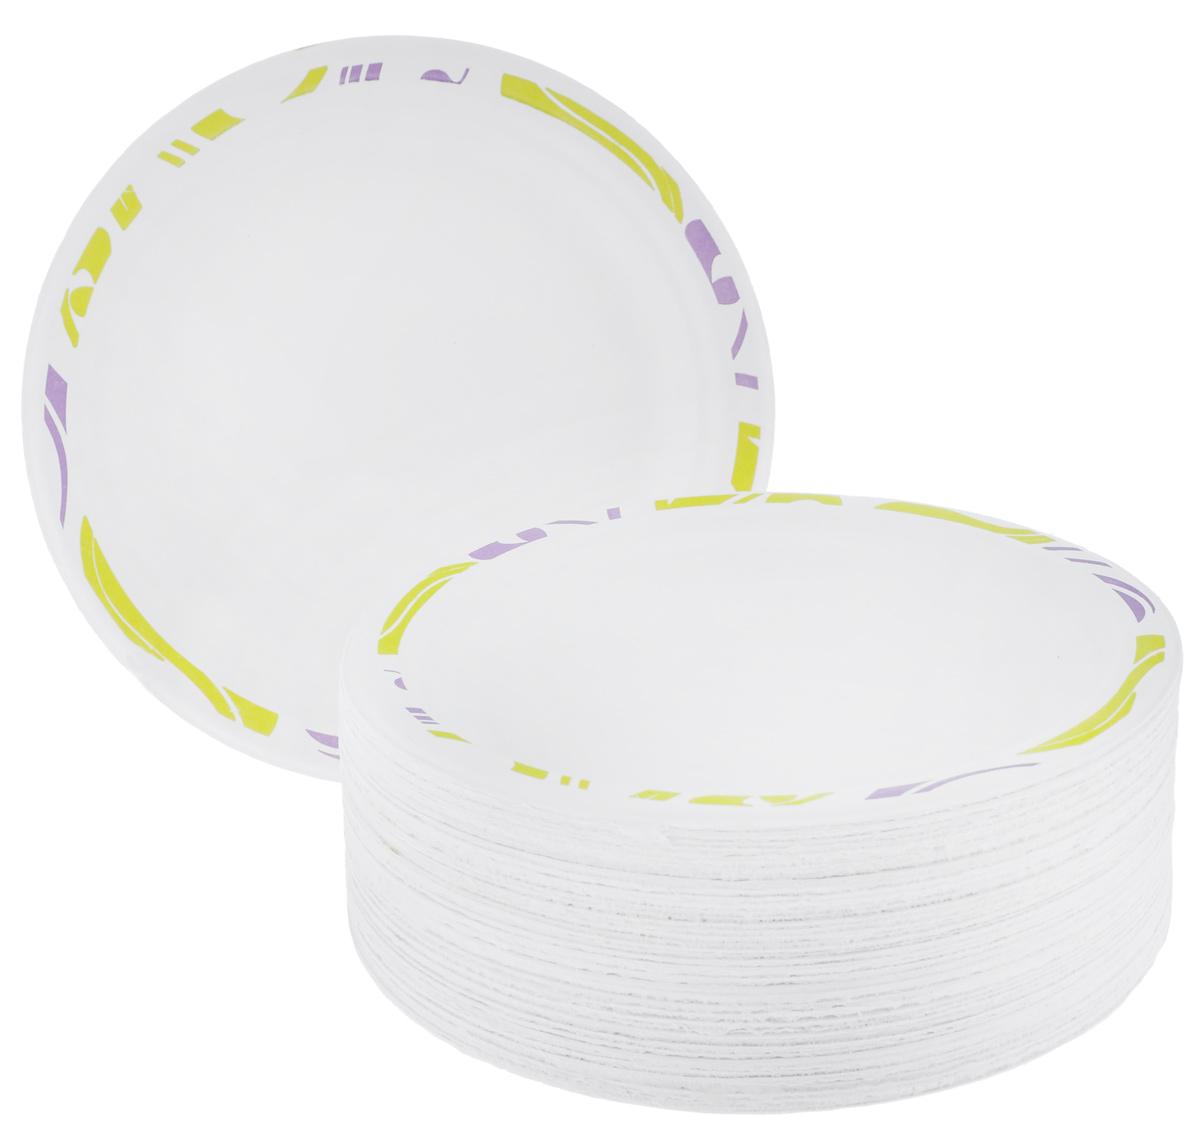 Набор одноразовых тарелок Chinet Flavour, цвет: белый, светло-зеленый, диаметр 17 см, 50 штVT-1520(SR)Набор Flavour Chinet  состоит из 50 круглых тарелок, выполненных из плотной бумаги и предназначенных для одноразового использования. Изделия декорированы оригинальным узором. Одноразовые тарелки будут незаменимы при поездках на природу, пикниках и других мероприятиях. Они не займут много места, легки и самое главное - после использования их не надо мыть.Диаметр тарелки: 17 см.Высота тарелки: 1,5 см.